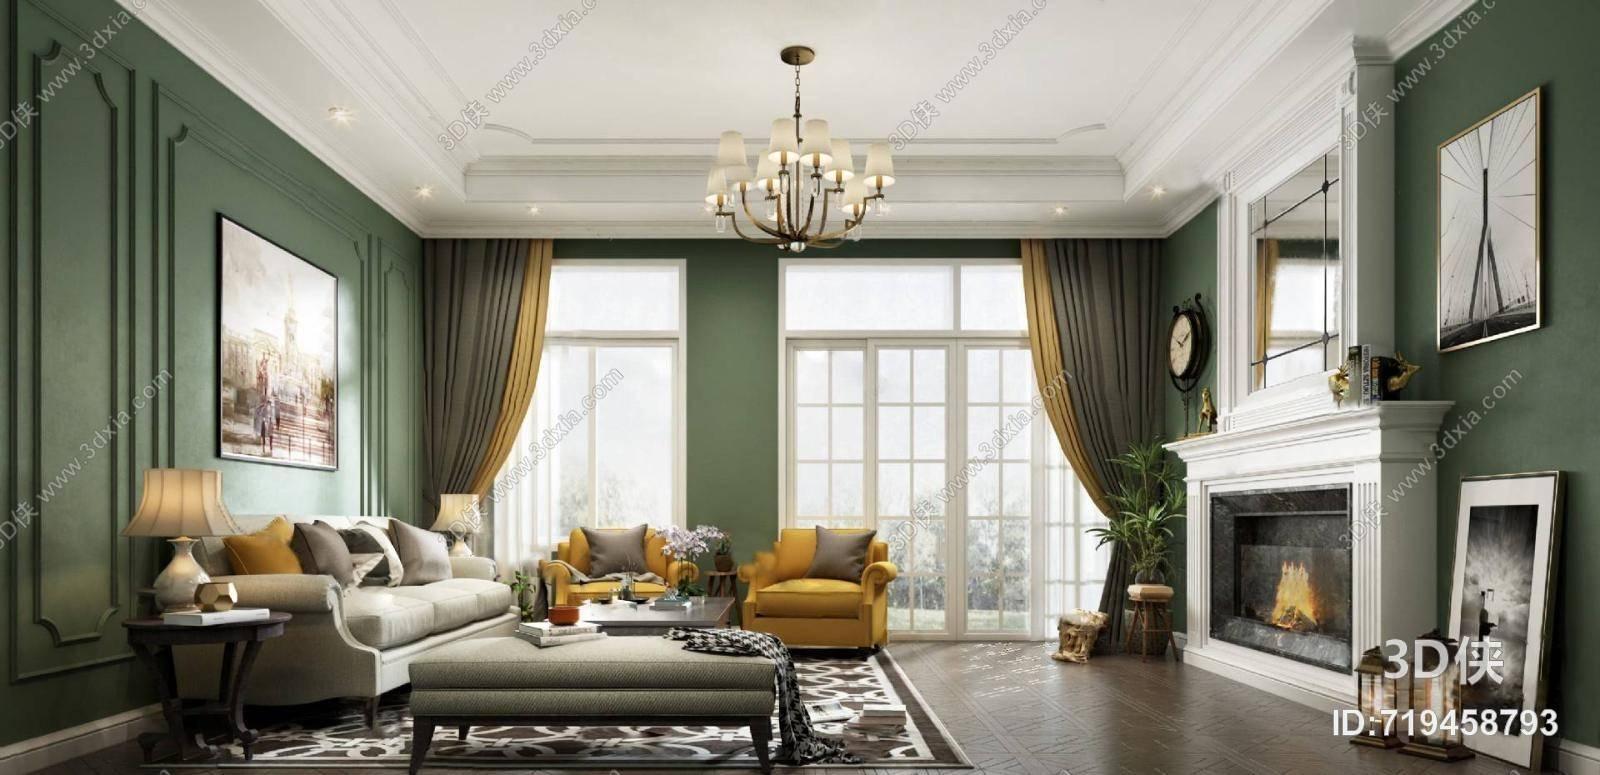 美式客厅3D模型 吊灯 壁炉 沙发茶几组合 台灯